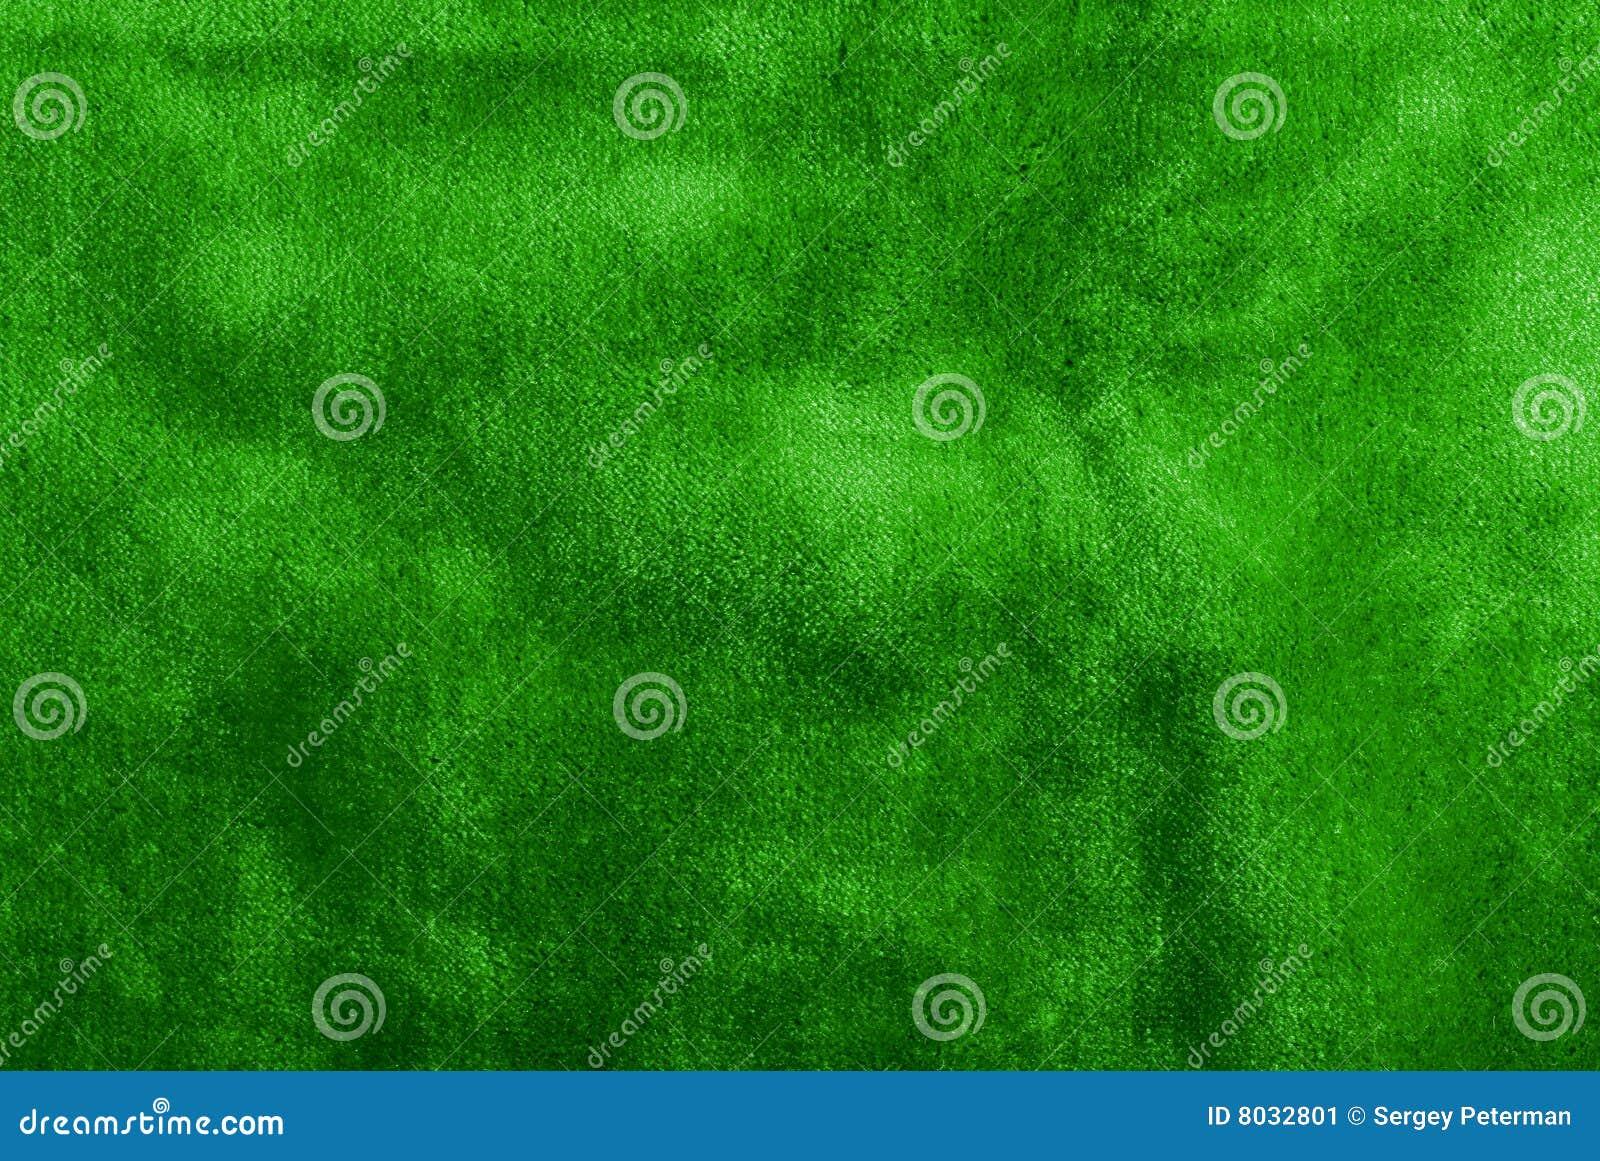 Grön Sammet Fotografering för Bildbyråer Bild 8032801